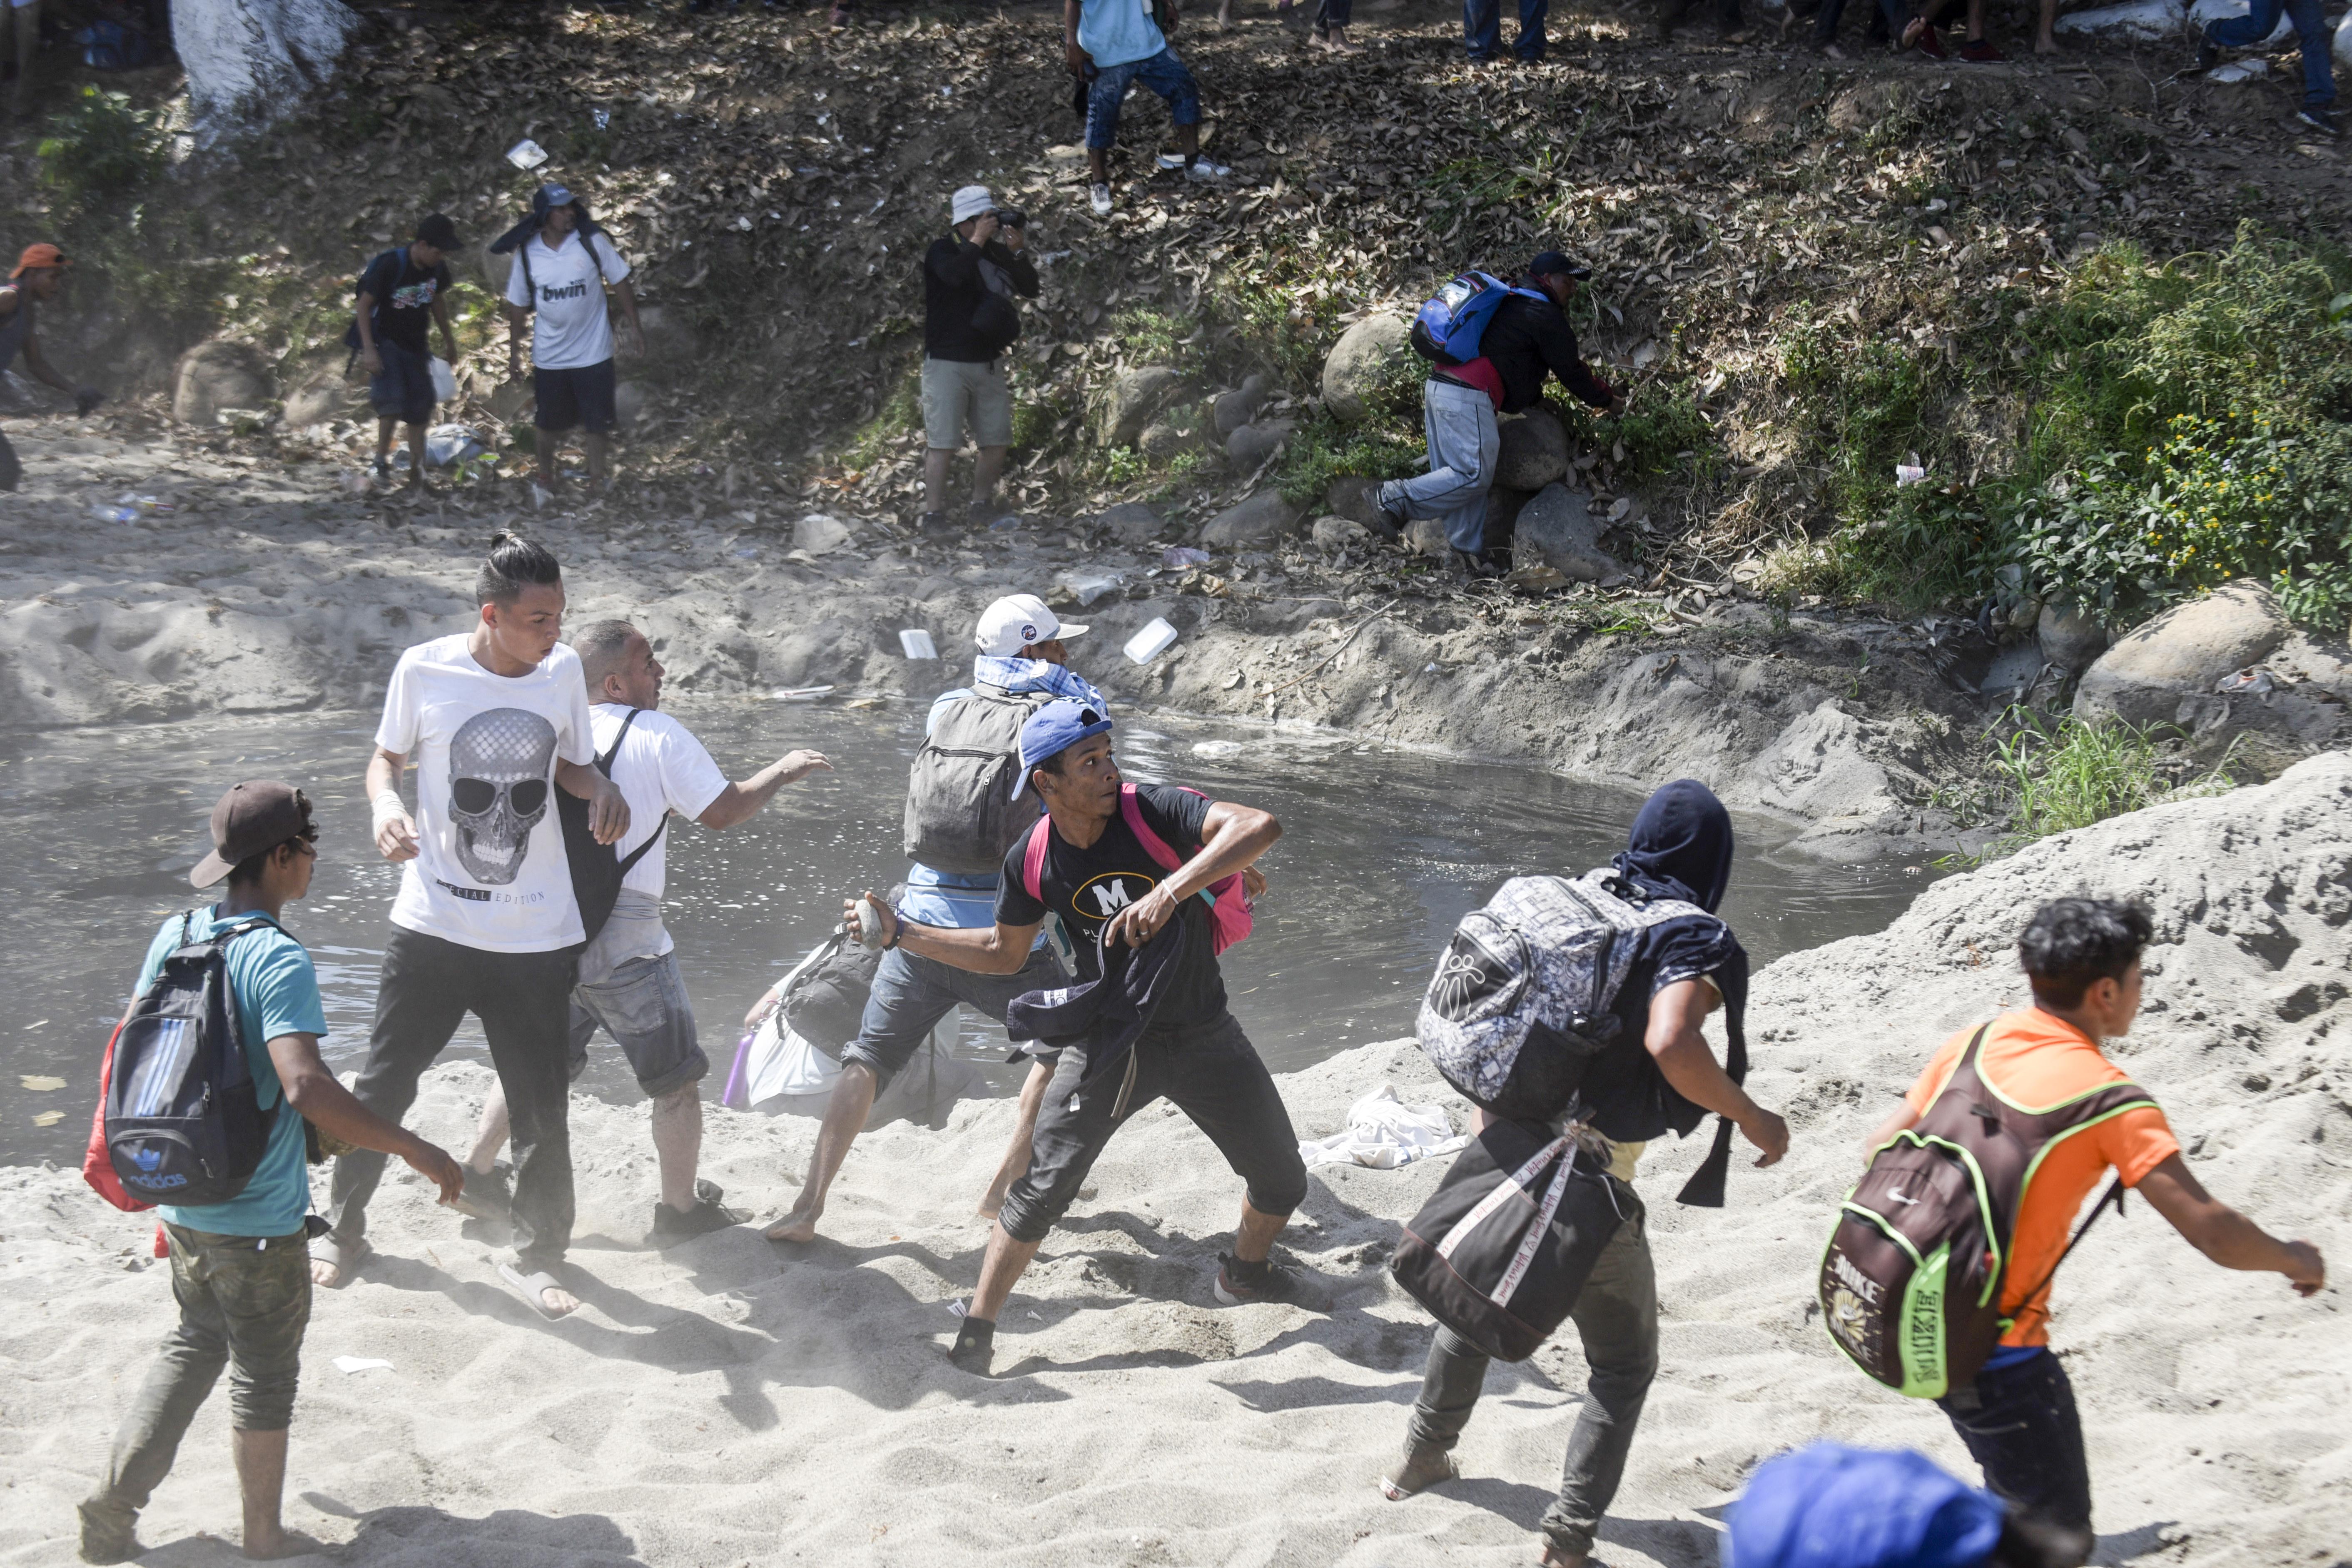 Algunos migrantes agredieron con piedras a los elementos de la Guardia Nacional por lo que estos últimos respondieron las agresiones con gas lacrimógeno (Foto: Johan Ordoñez/AFP)